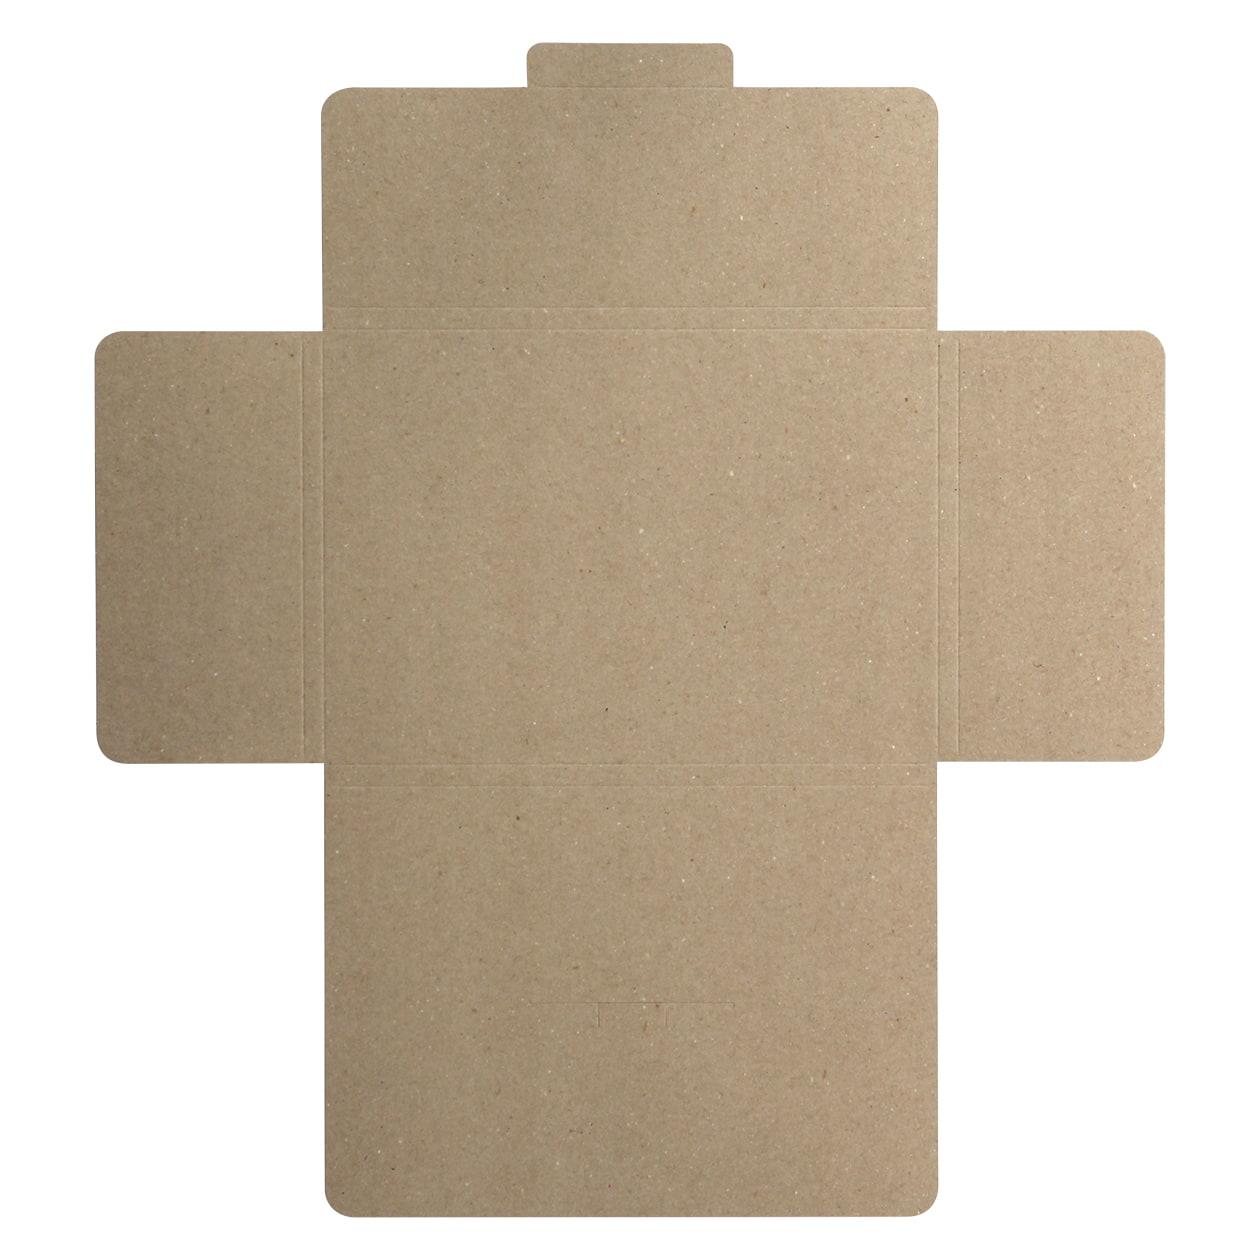 タトウ式箱A5用 差込有 ボード紙 サンド 270g マチ6mm